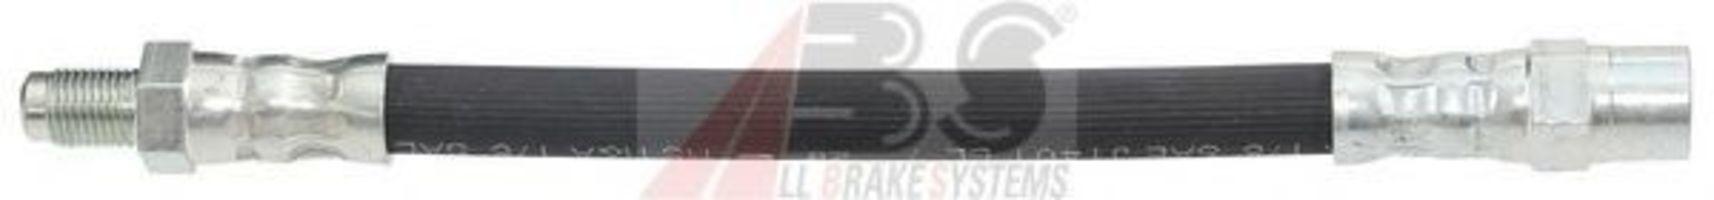 Шланг тормозной A.B.S. SL 3311